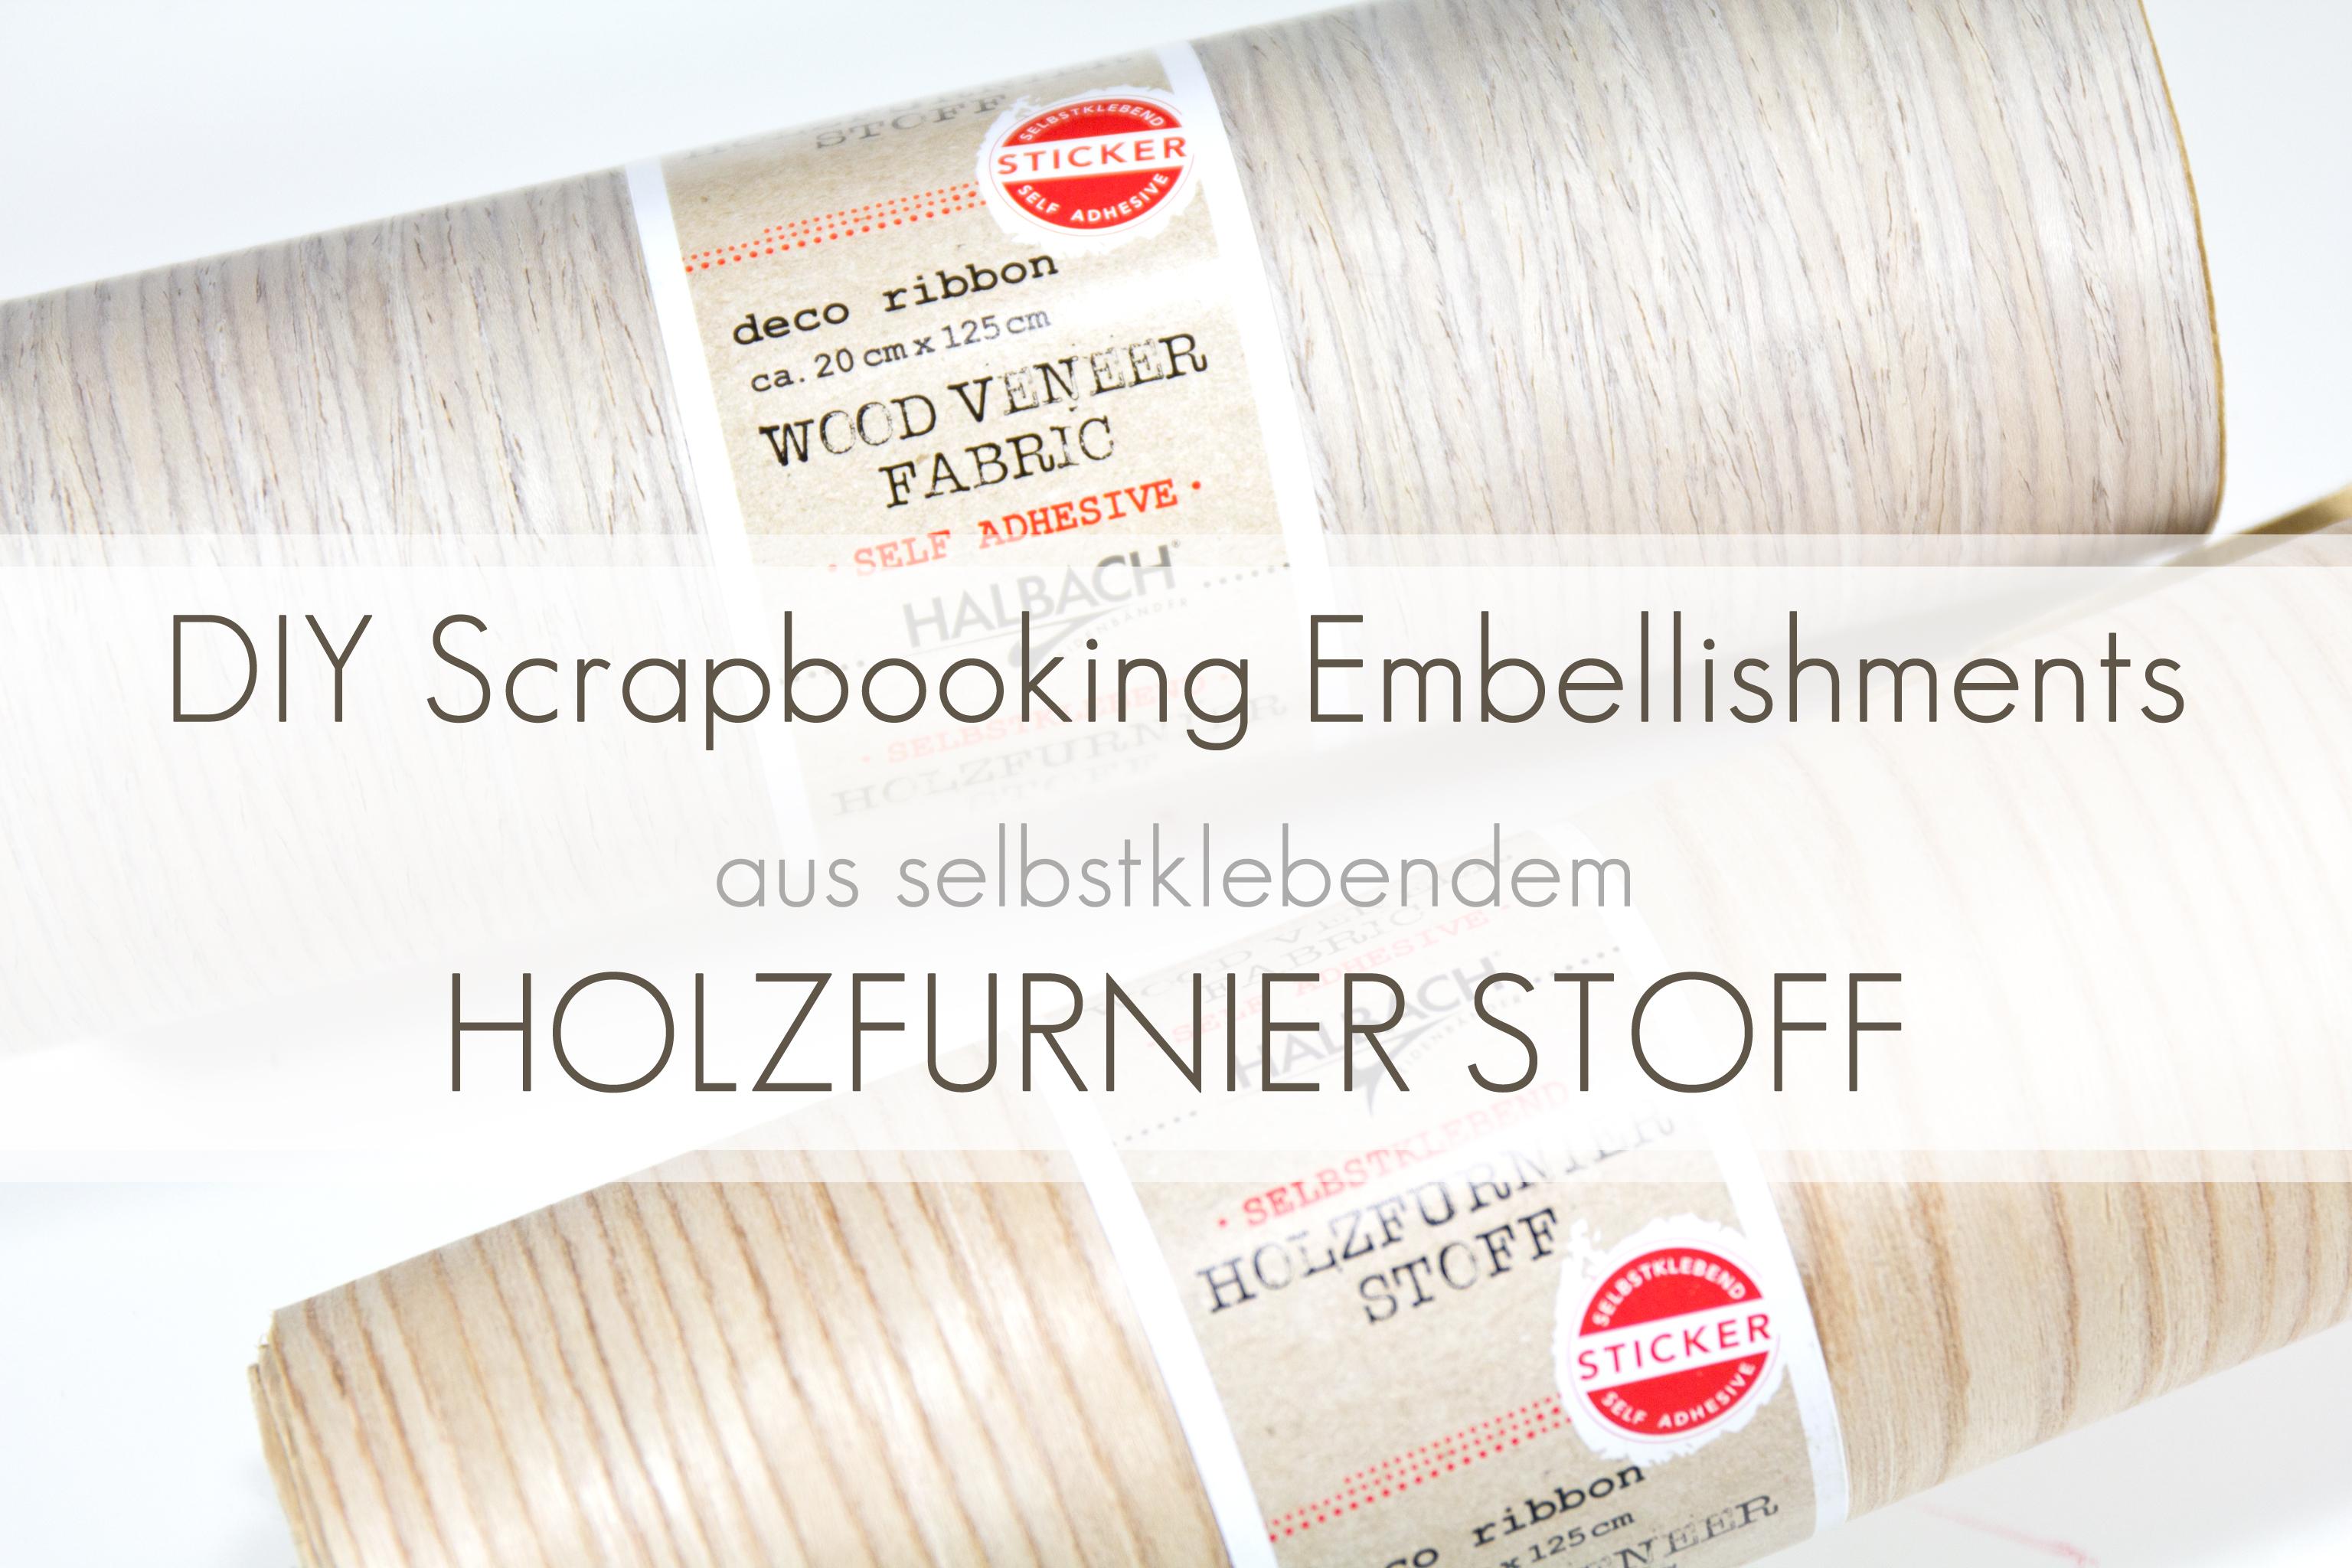 Wood Veneer Fabric